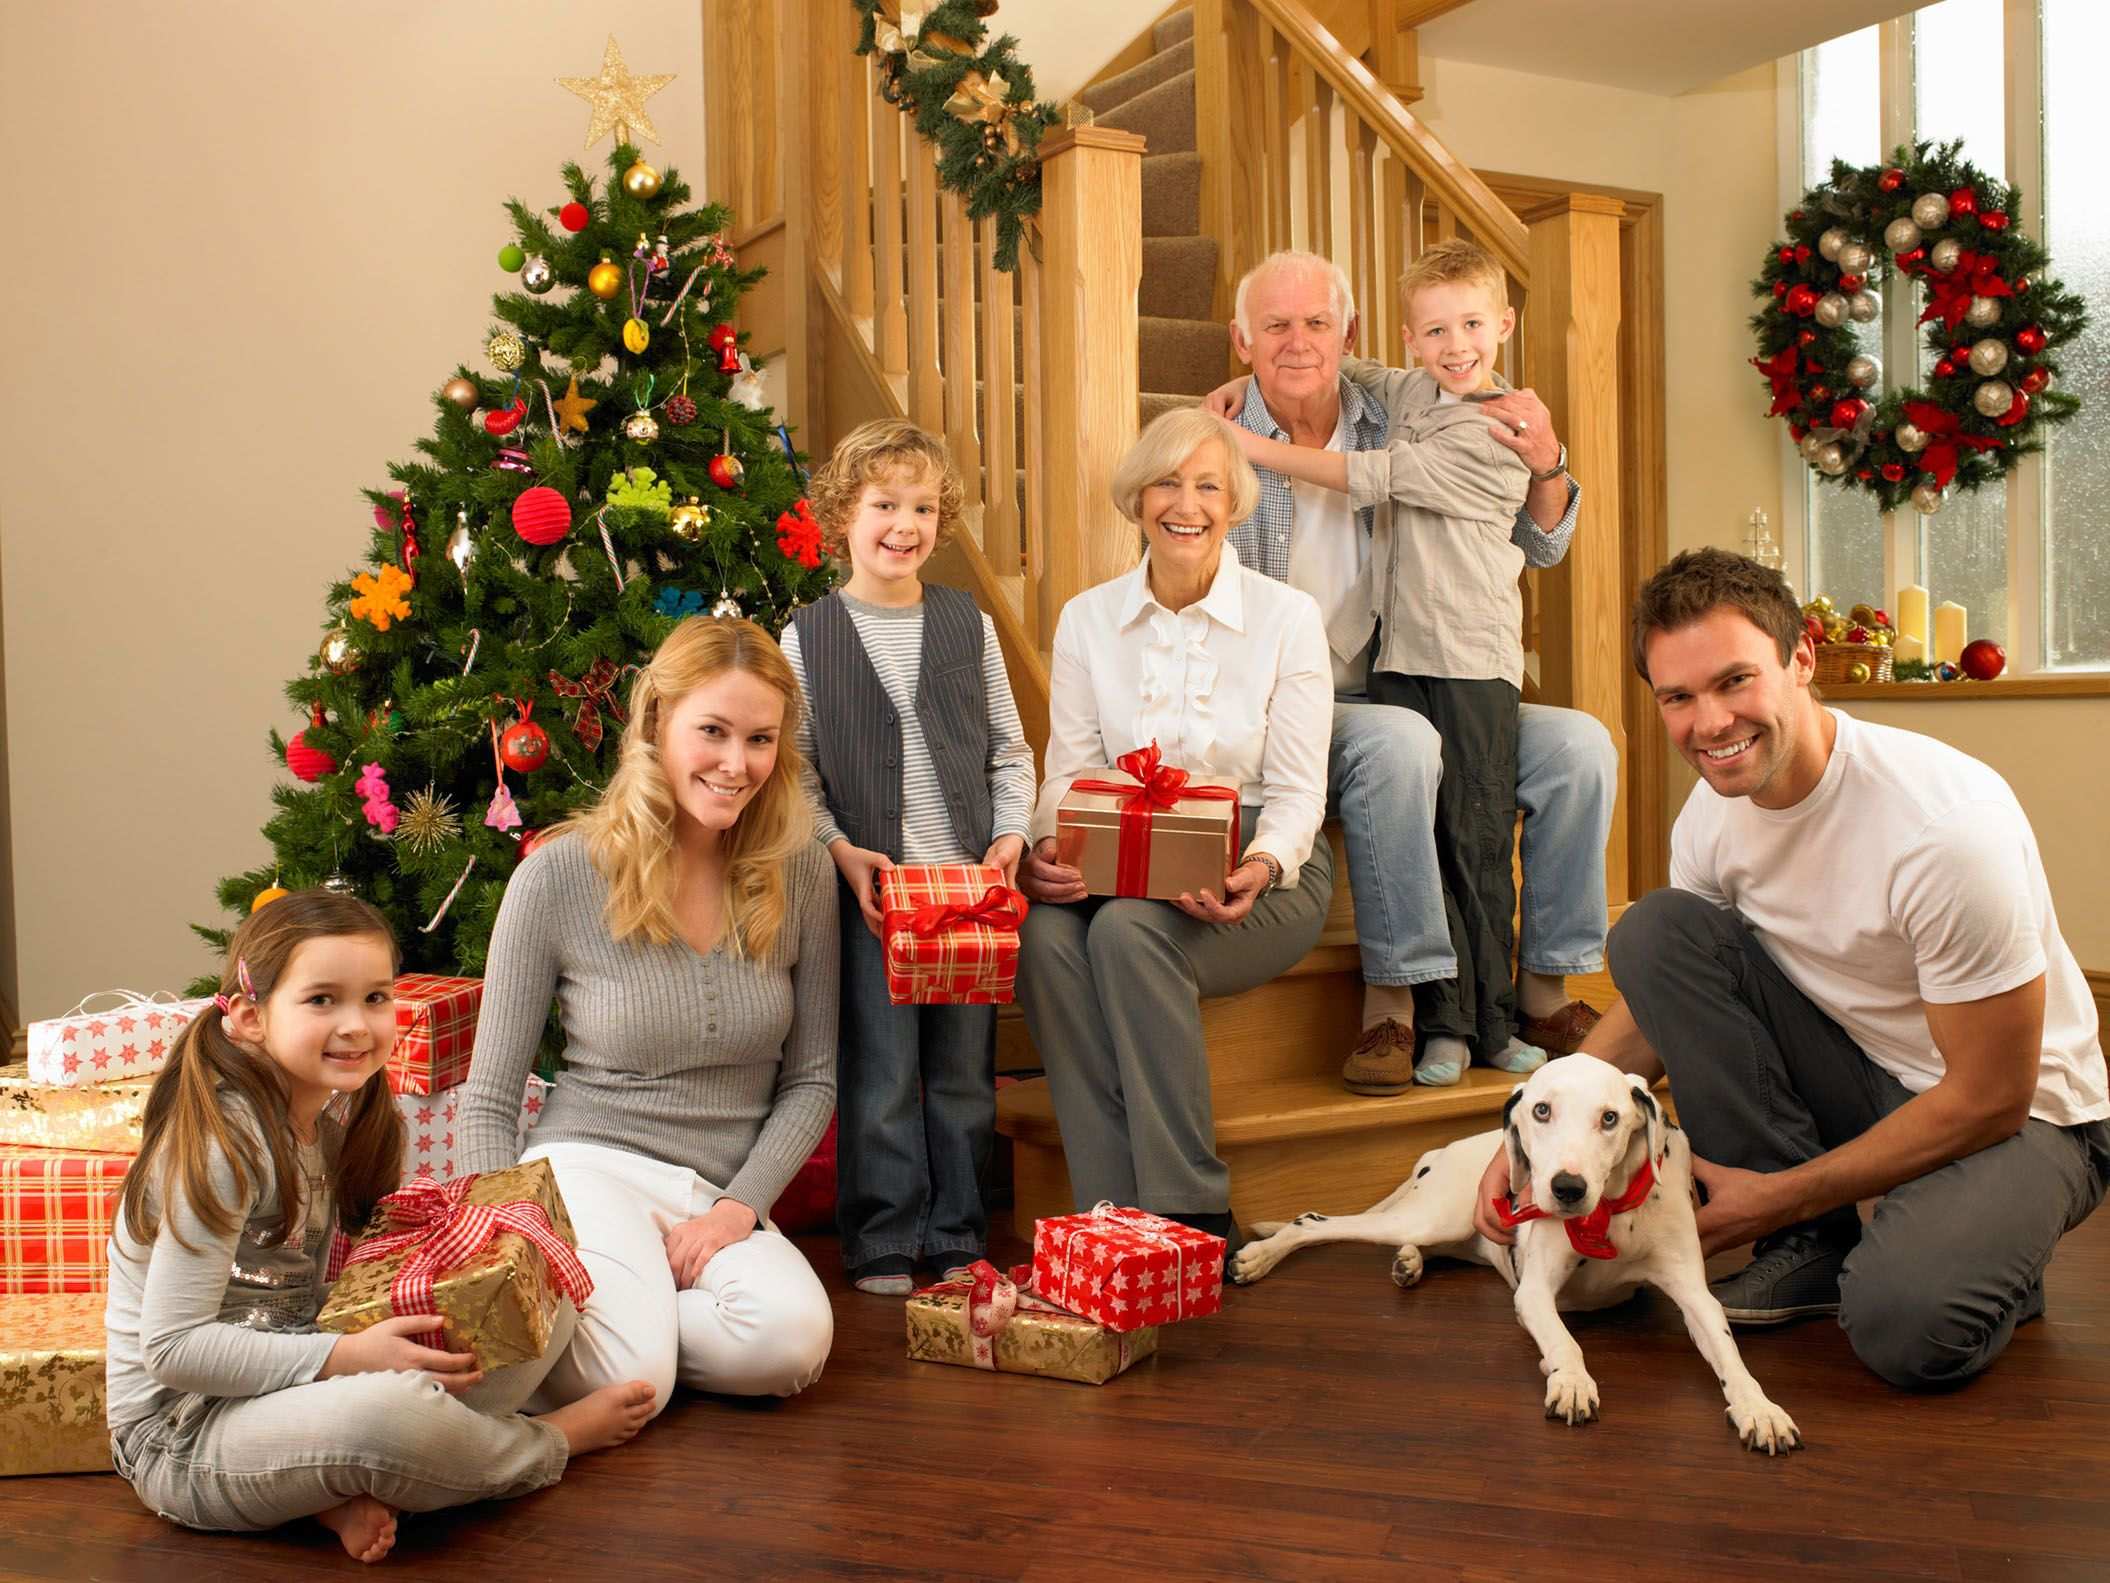 Christmas gift giving christmas gift giving for all family explore christmas gift giving christmas gift giving for all family negle Images